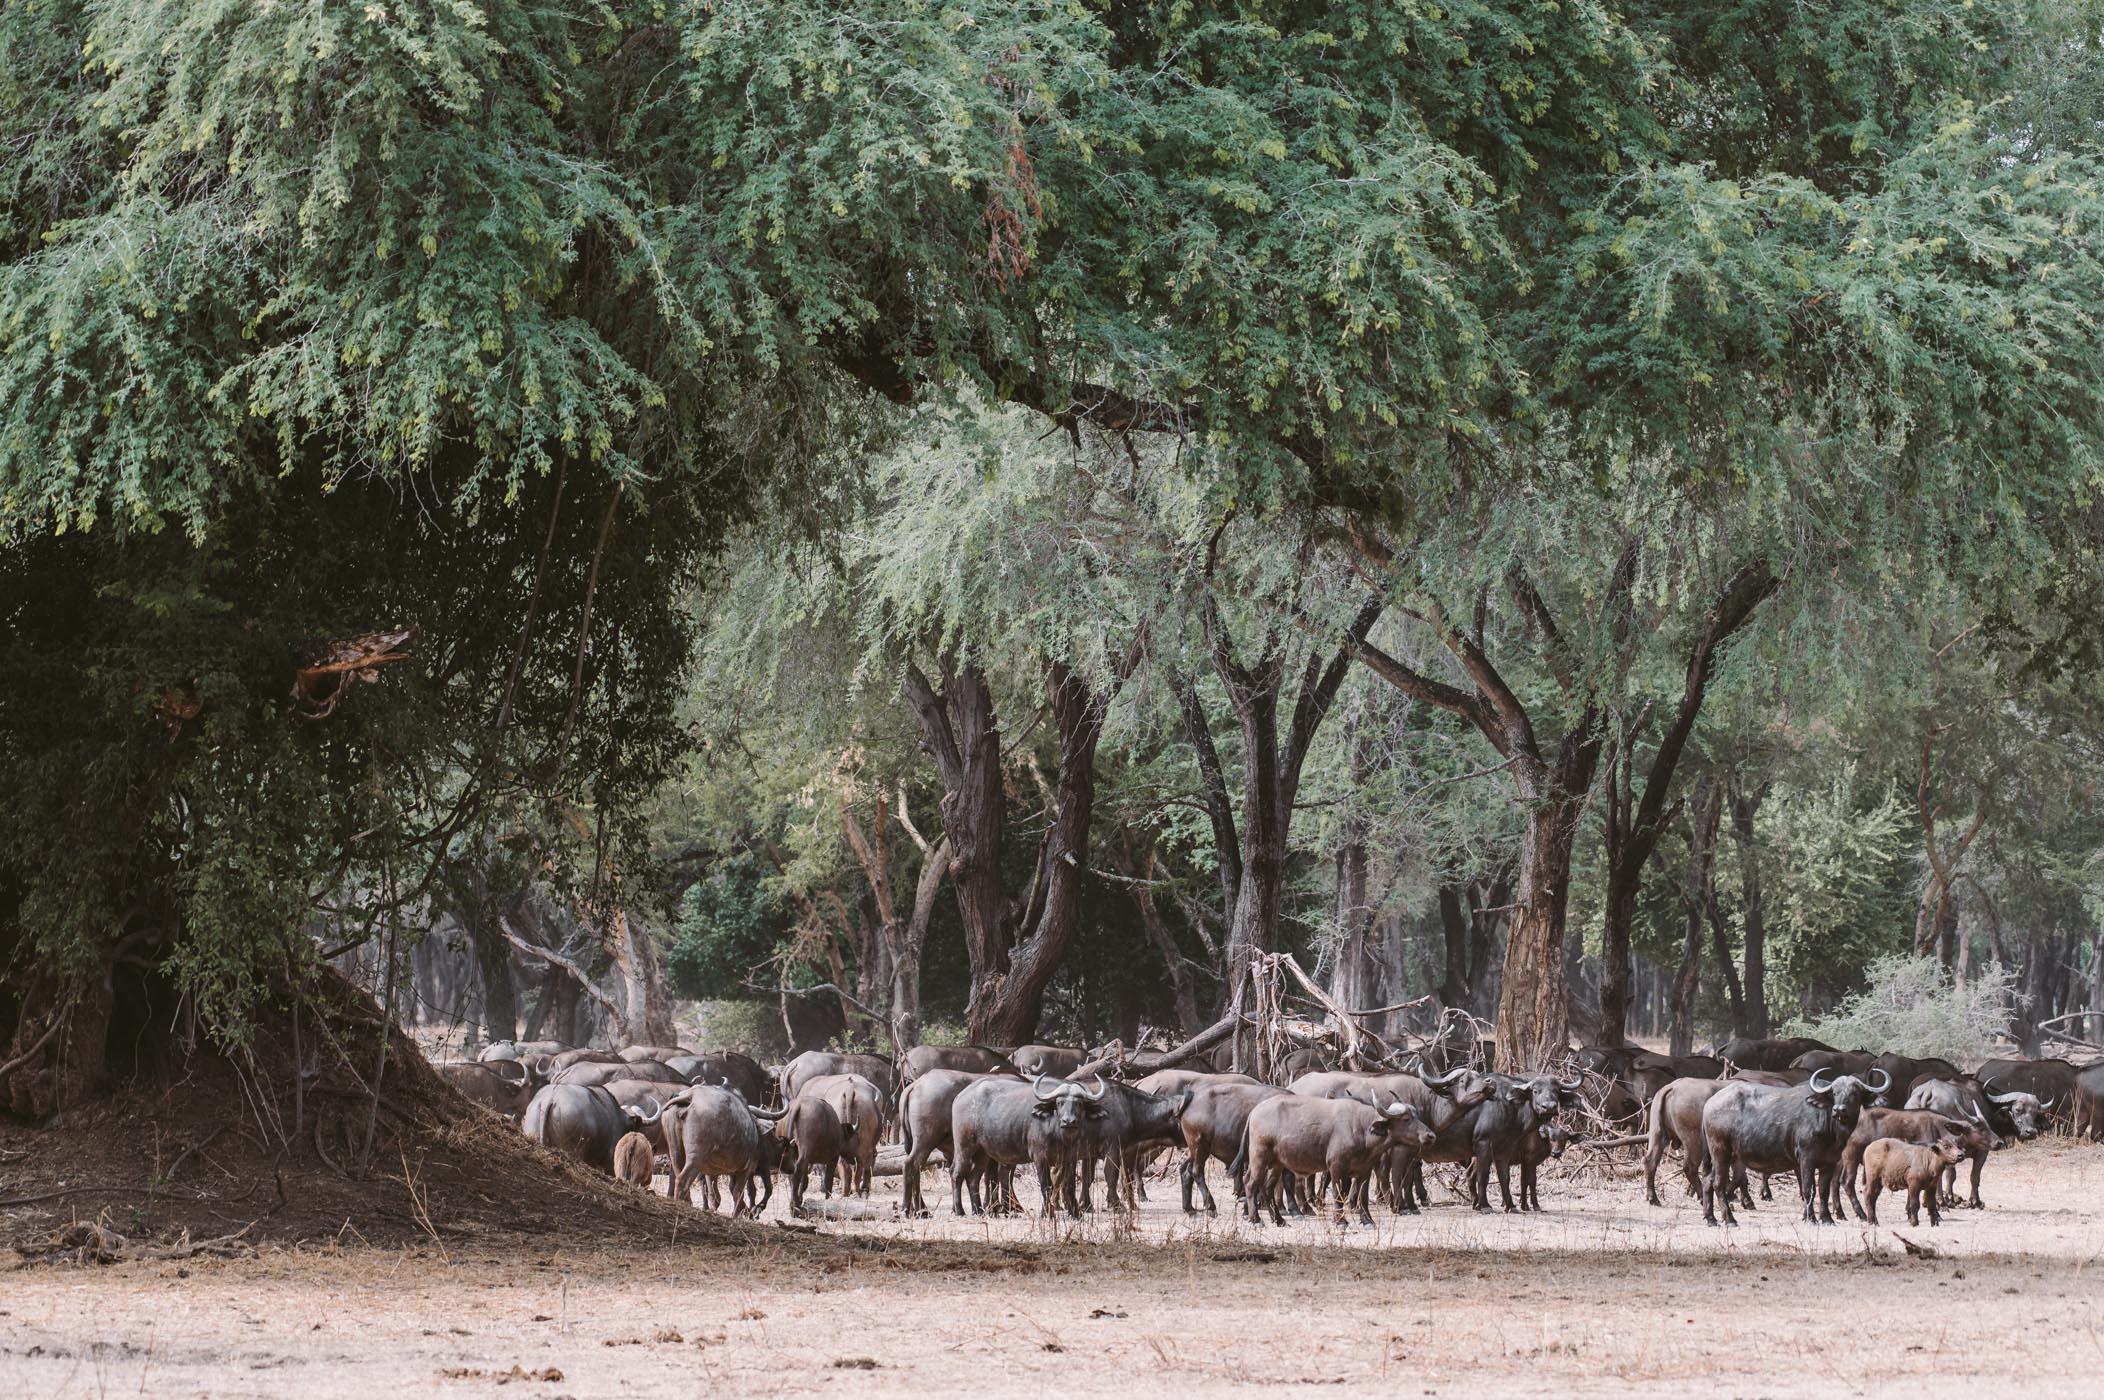 Buffalos at Lower Zambezi National Park Zambia